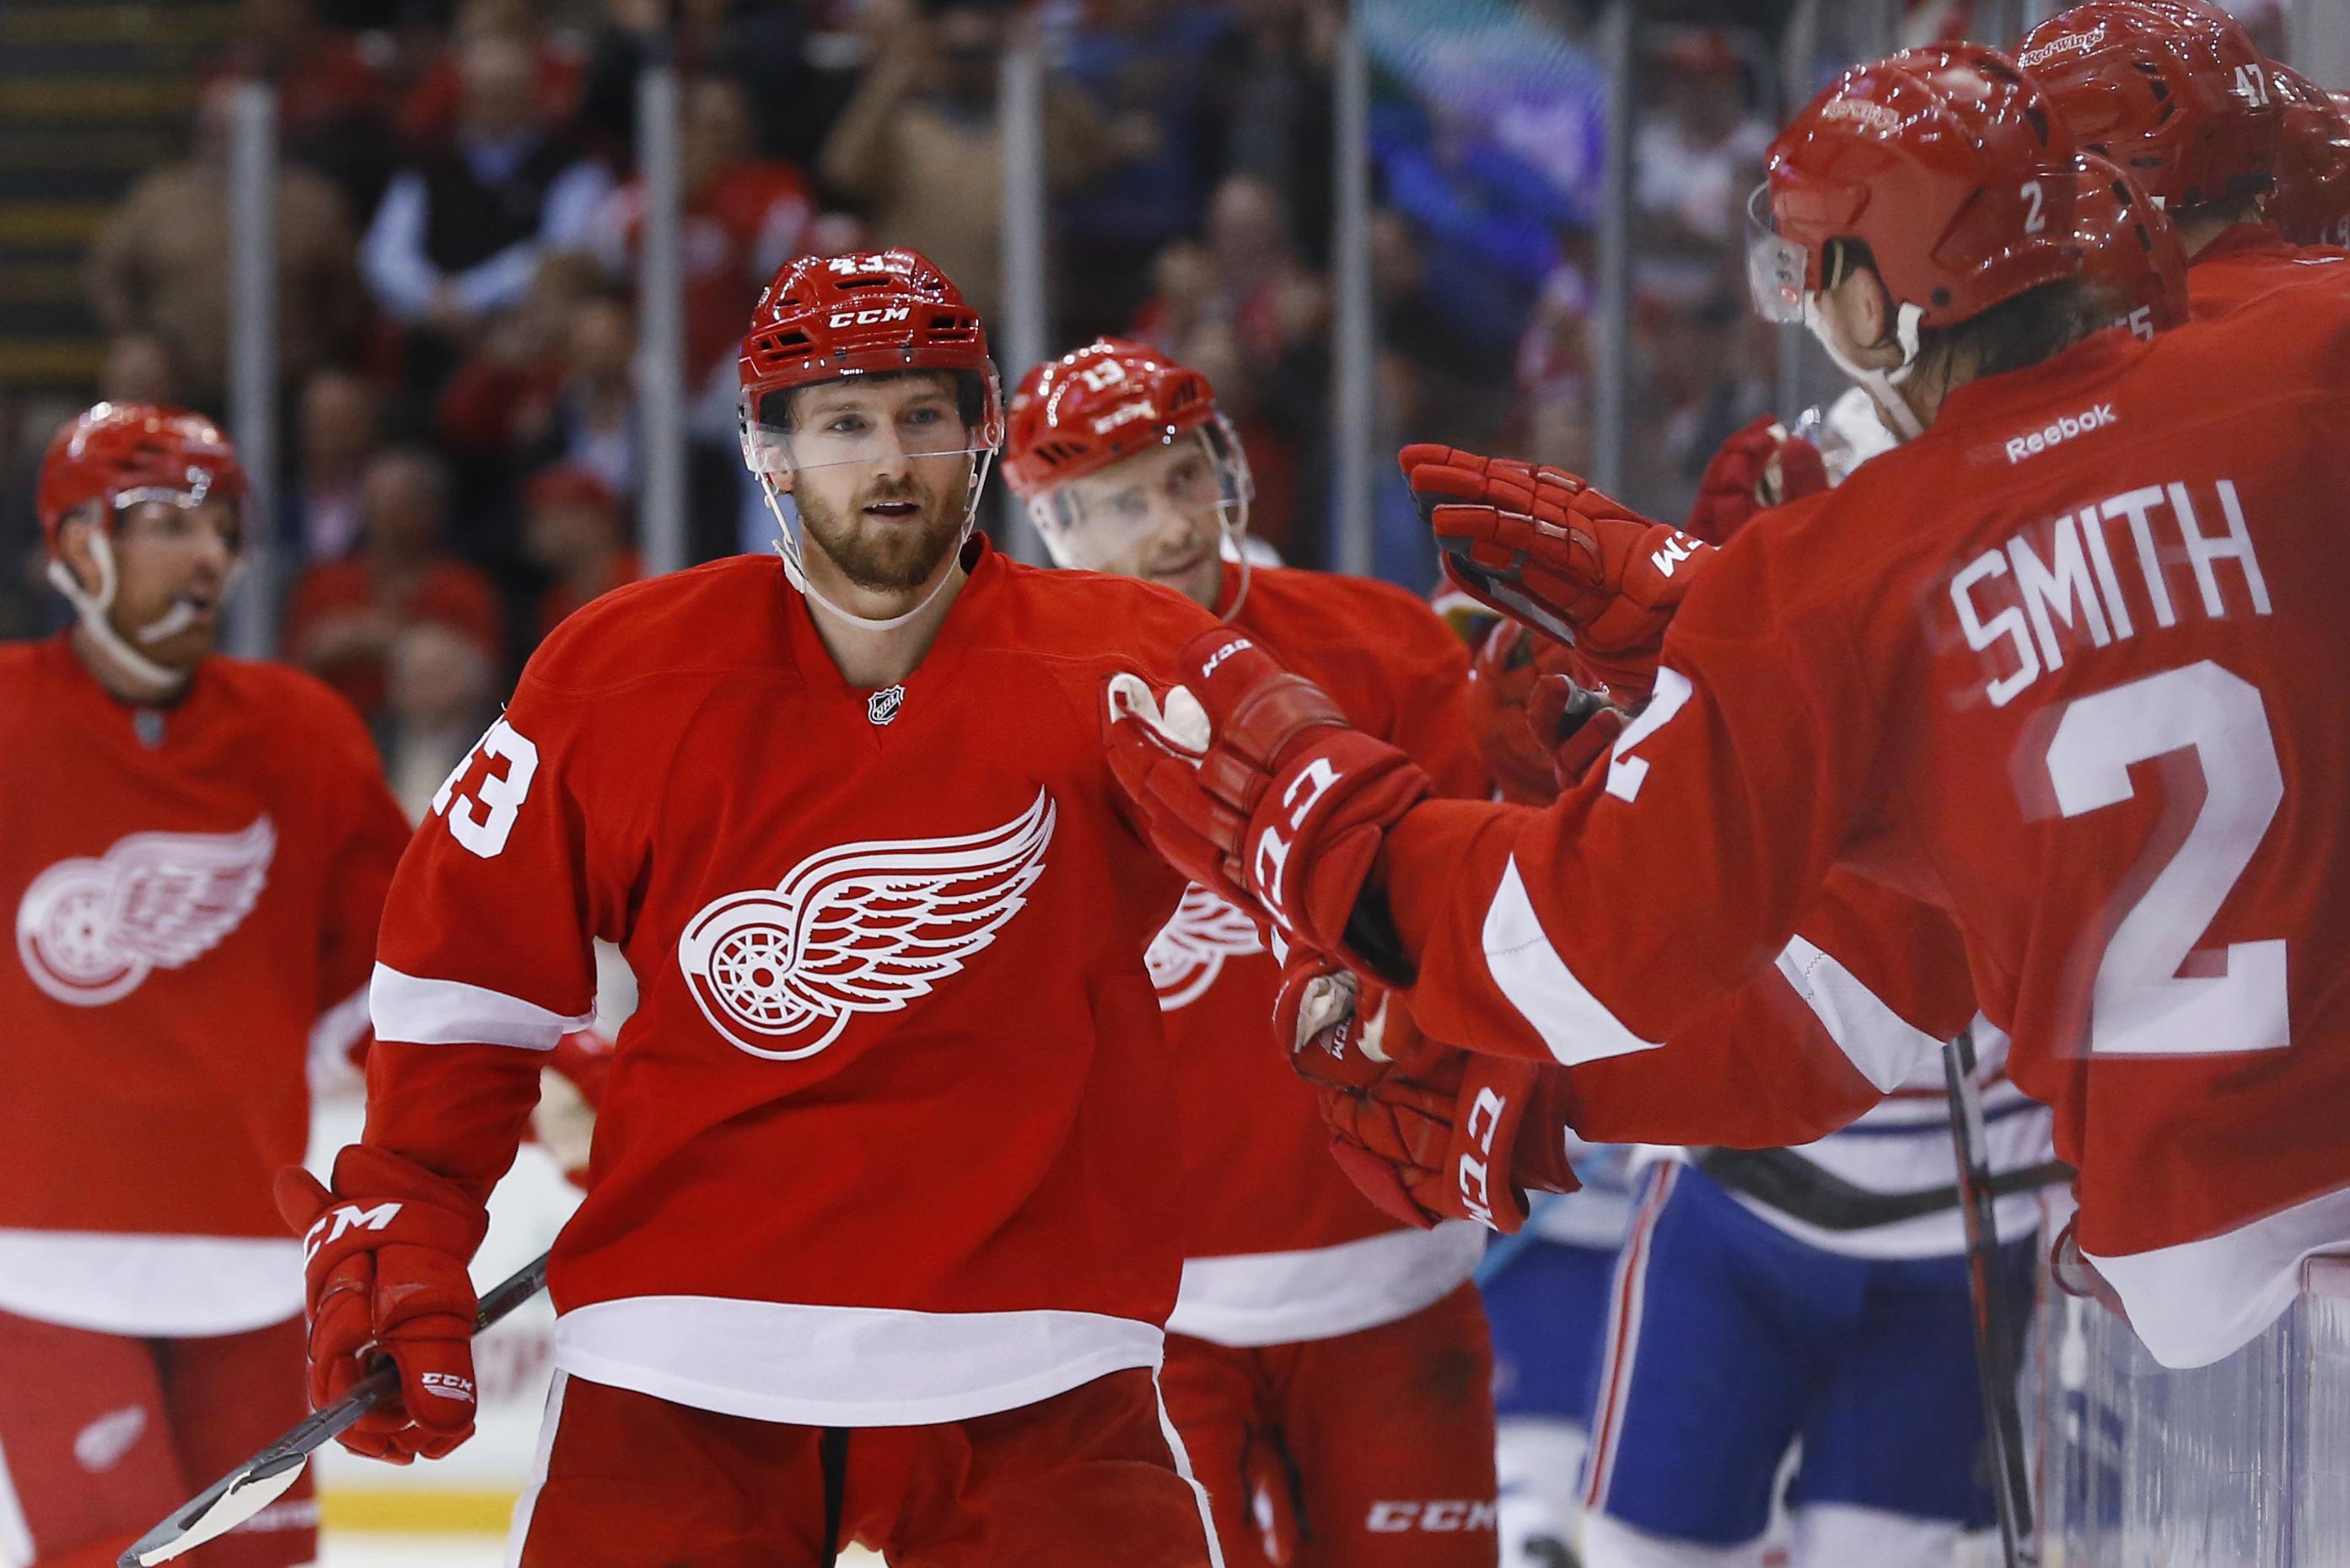 canadiens_red_wings_hockey-dc63e2ae2f874_r338.jpeg